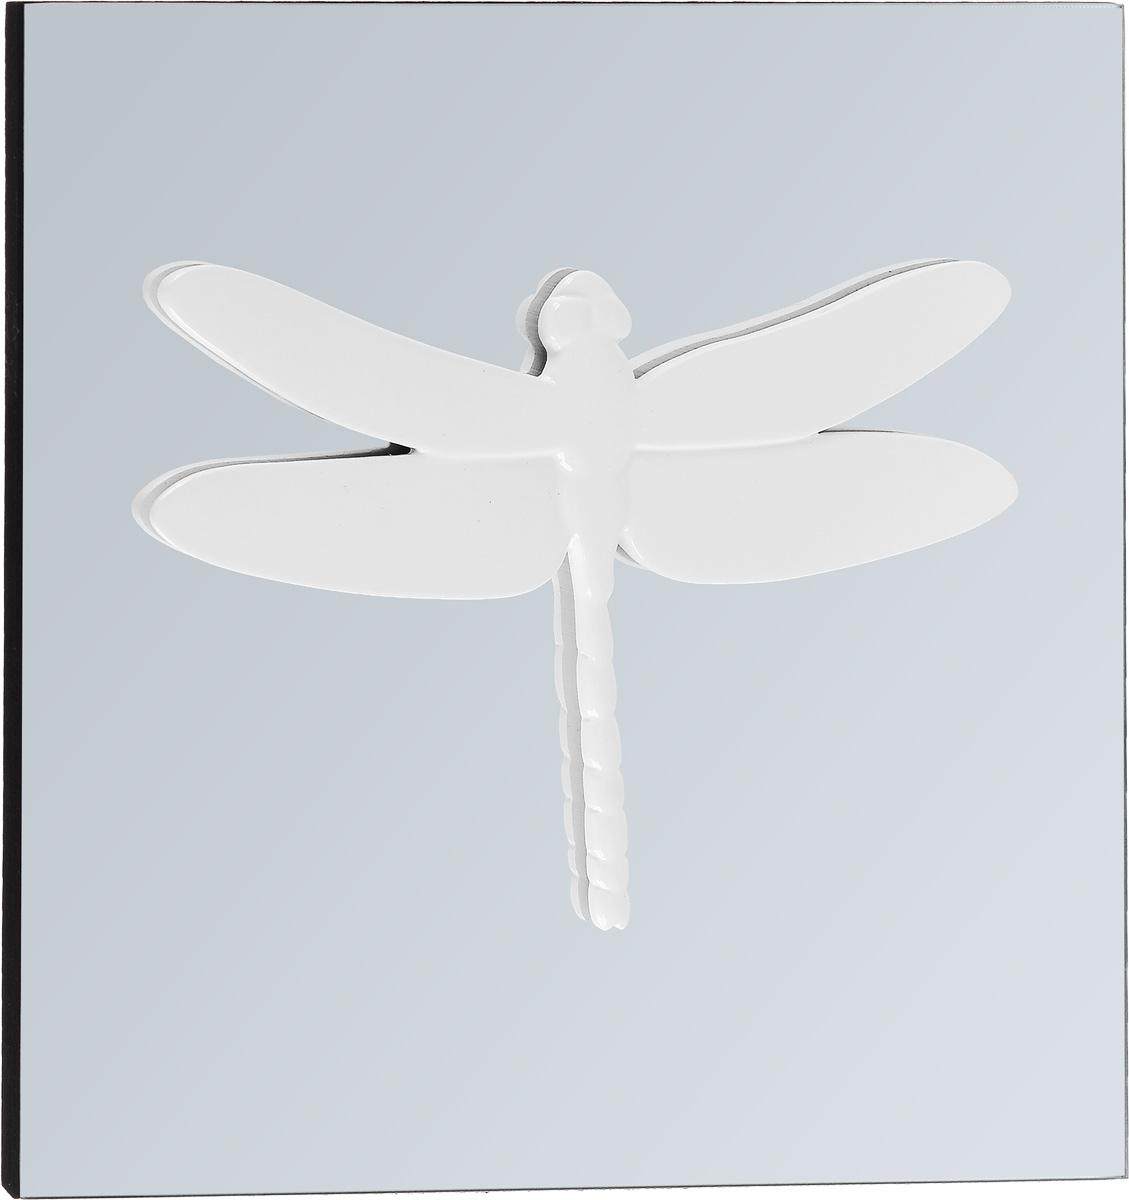 Украшение декоративное Феникс-Презент Стрекоза, настенное, 30 x 30 x 2,5 см